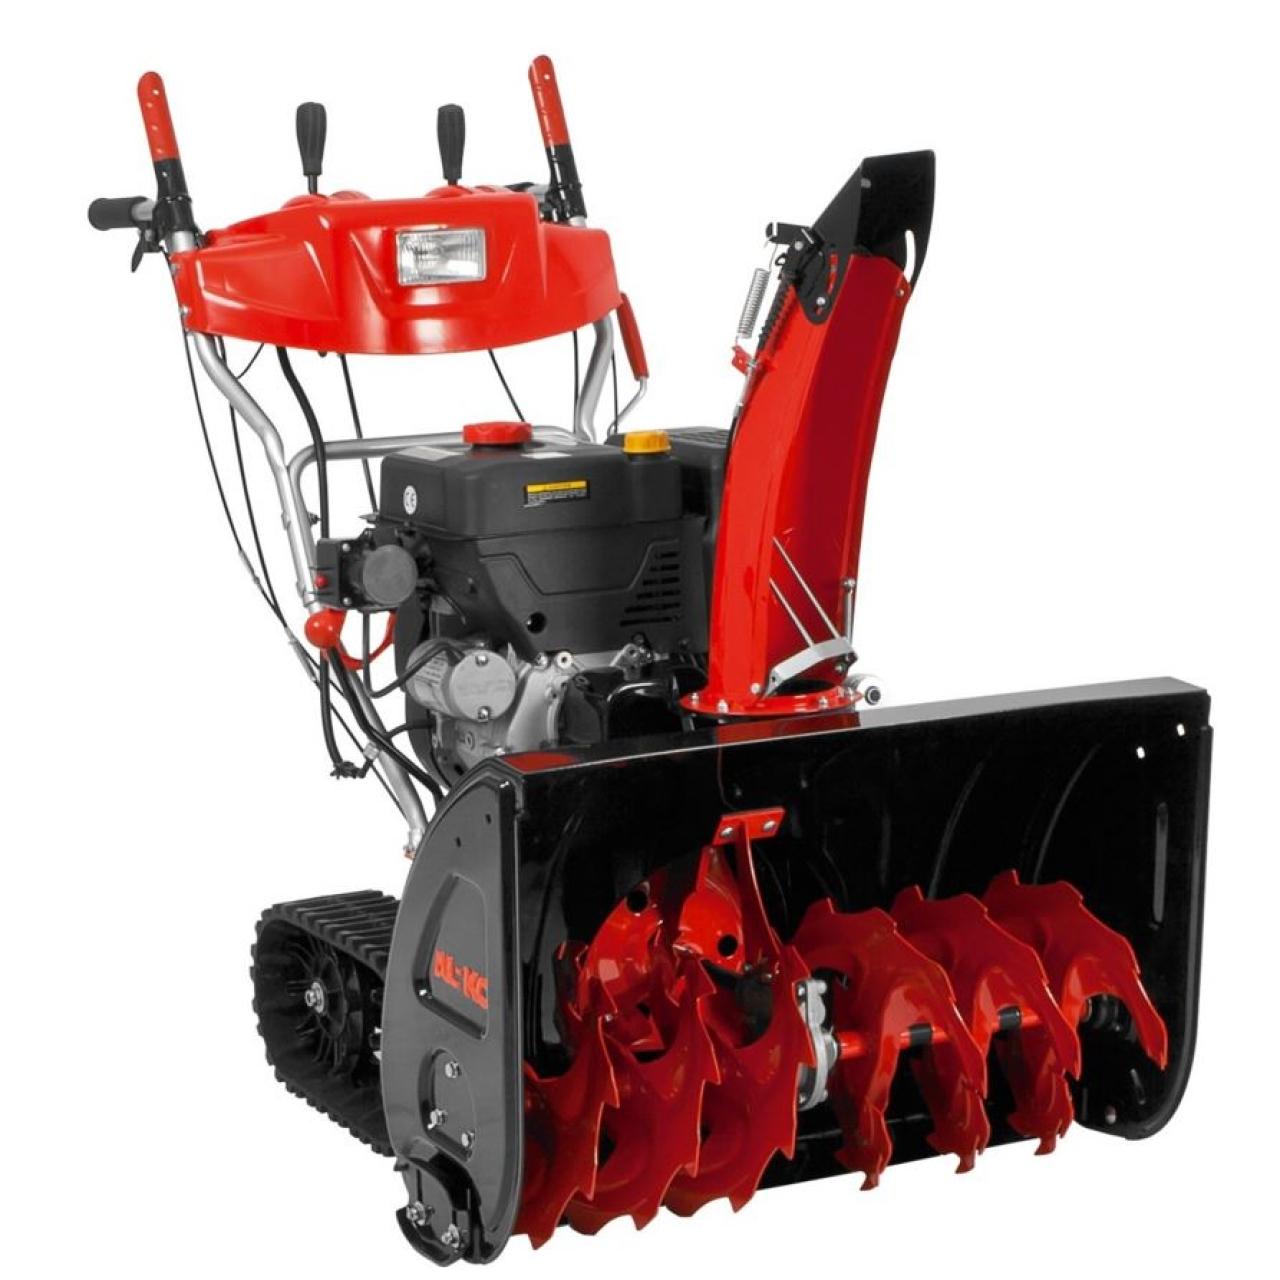 Benzin-Schneefräse Snowline 760 TE